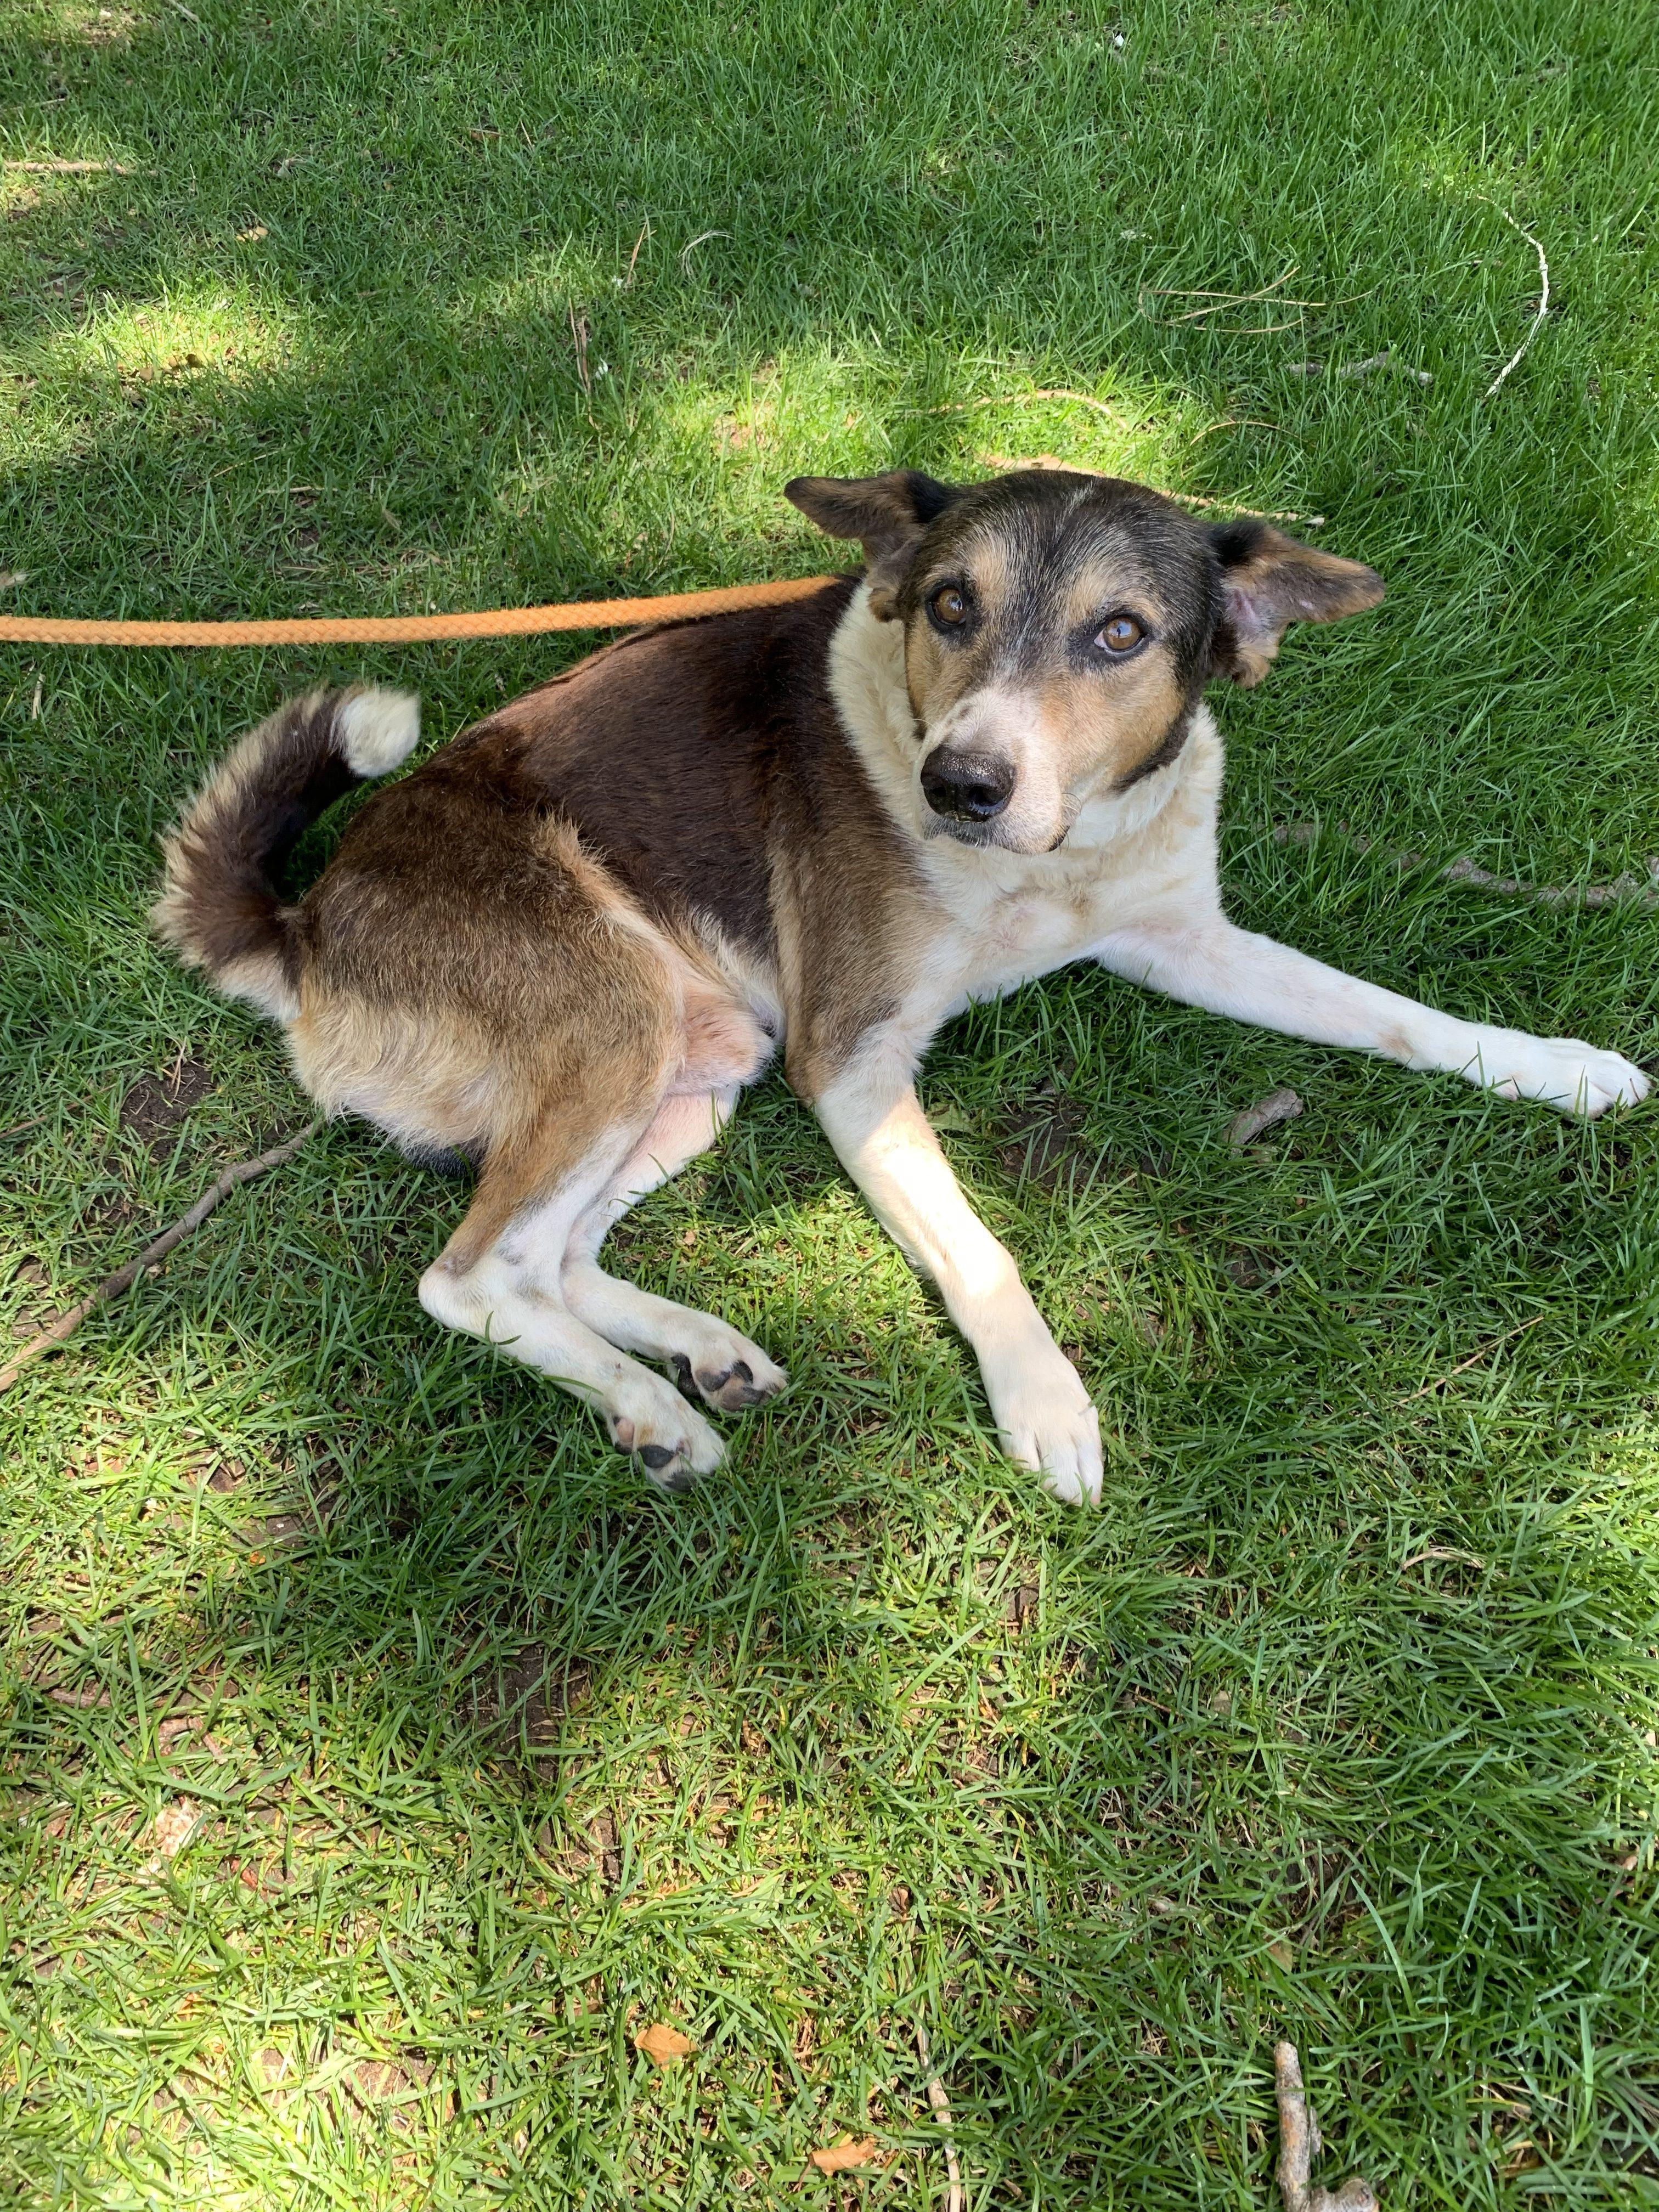 <UL> Bobo <LI> Breed: Beagle mix <LI> Sex: Male <LI> Age: 8 yr old